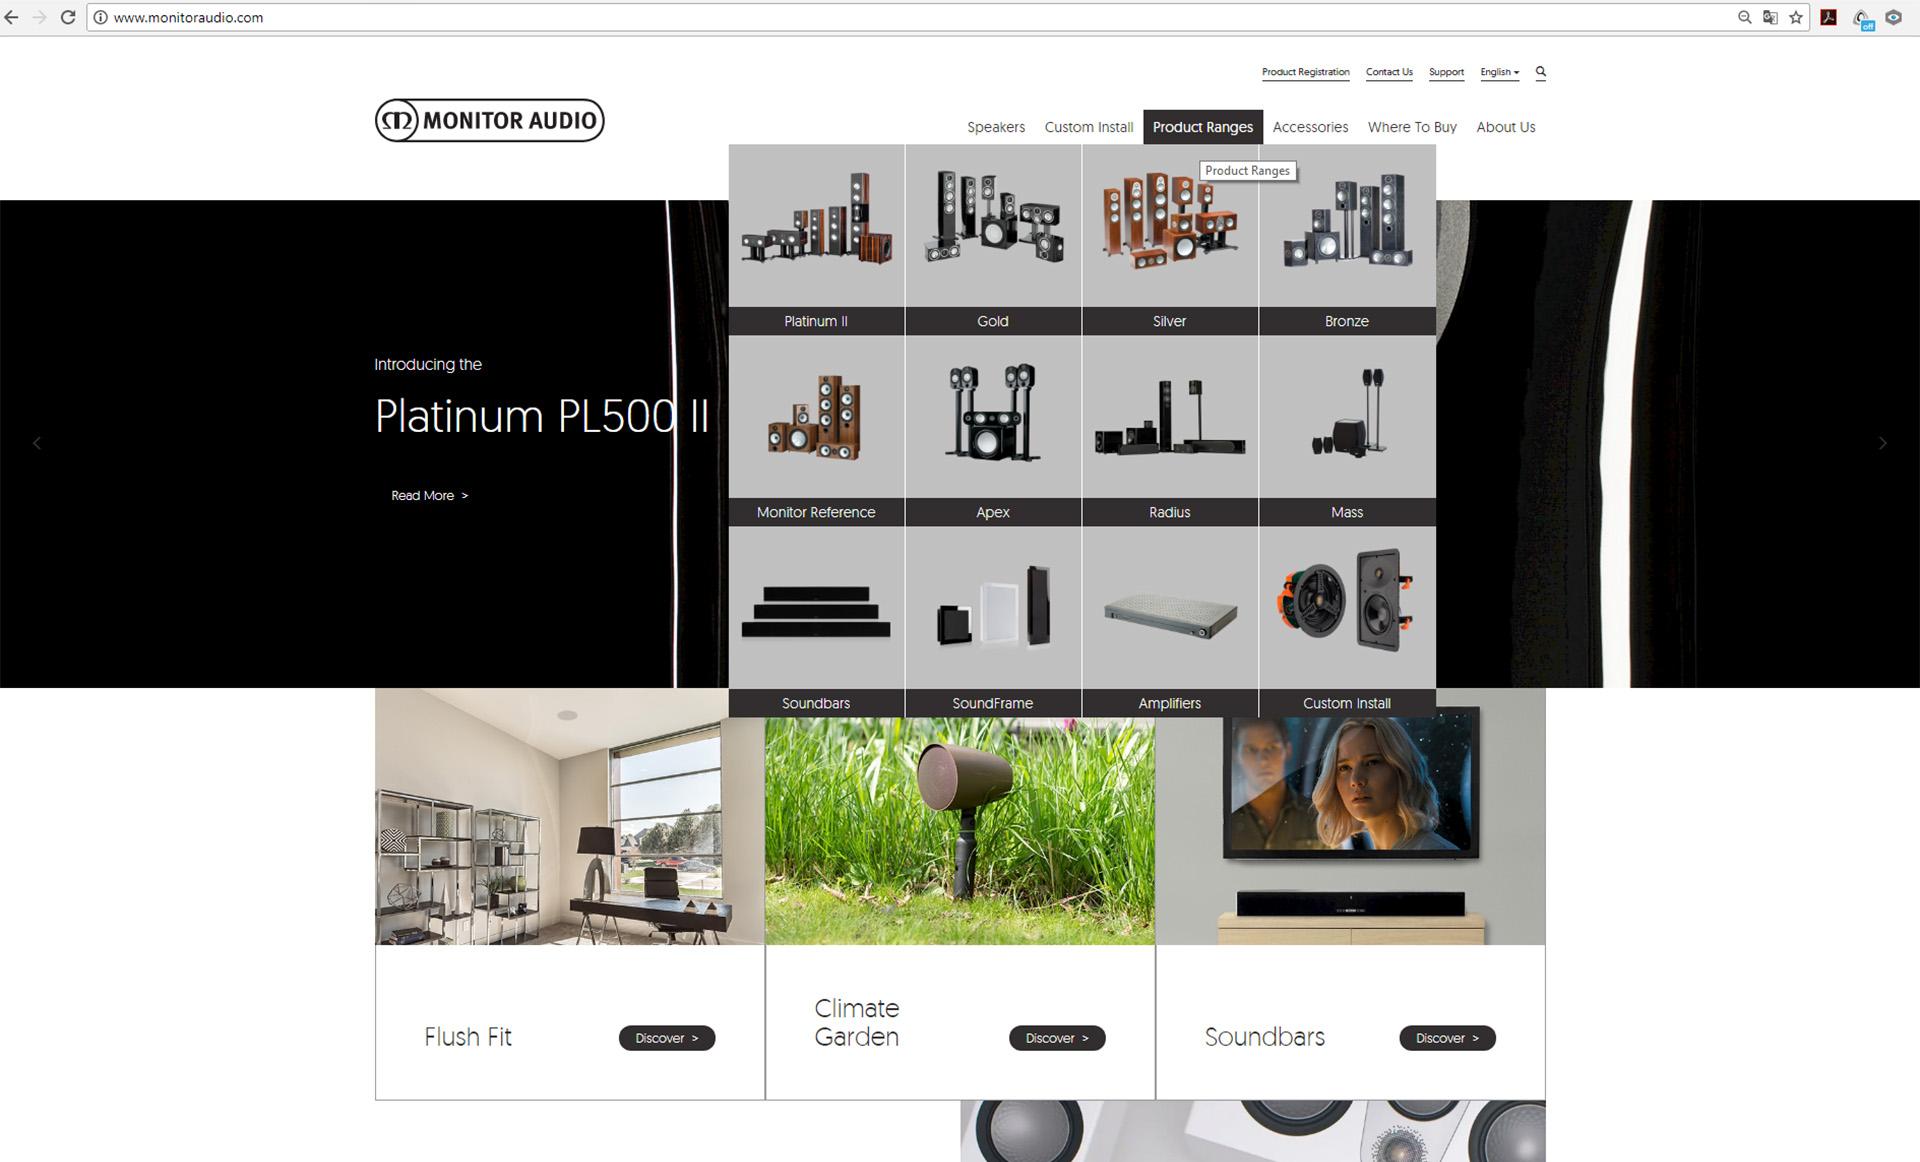 Обновлённый сайт monitoraudio.com отличается современной удобной навигацией